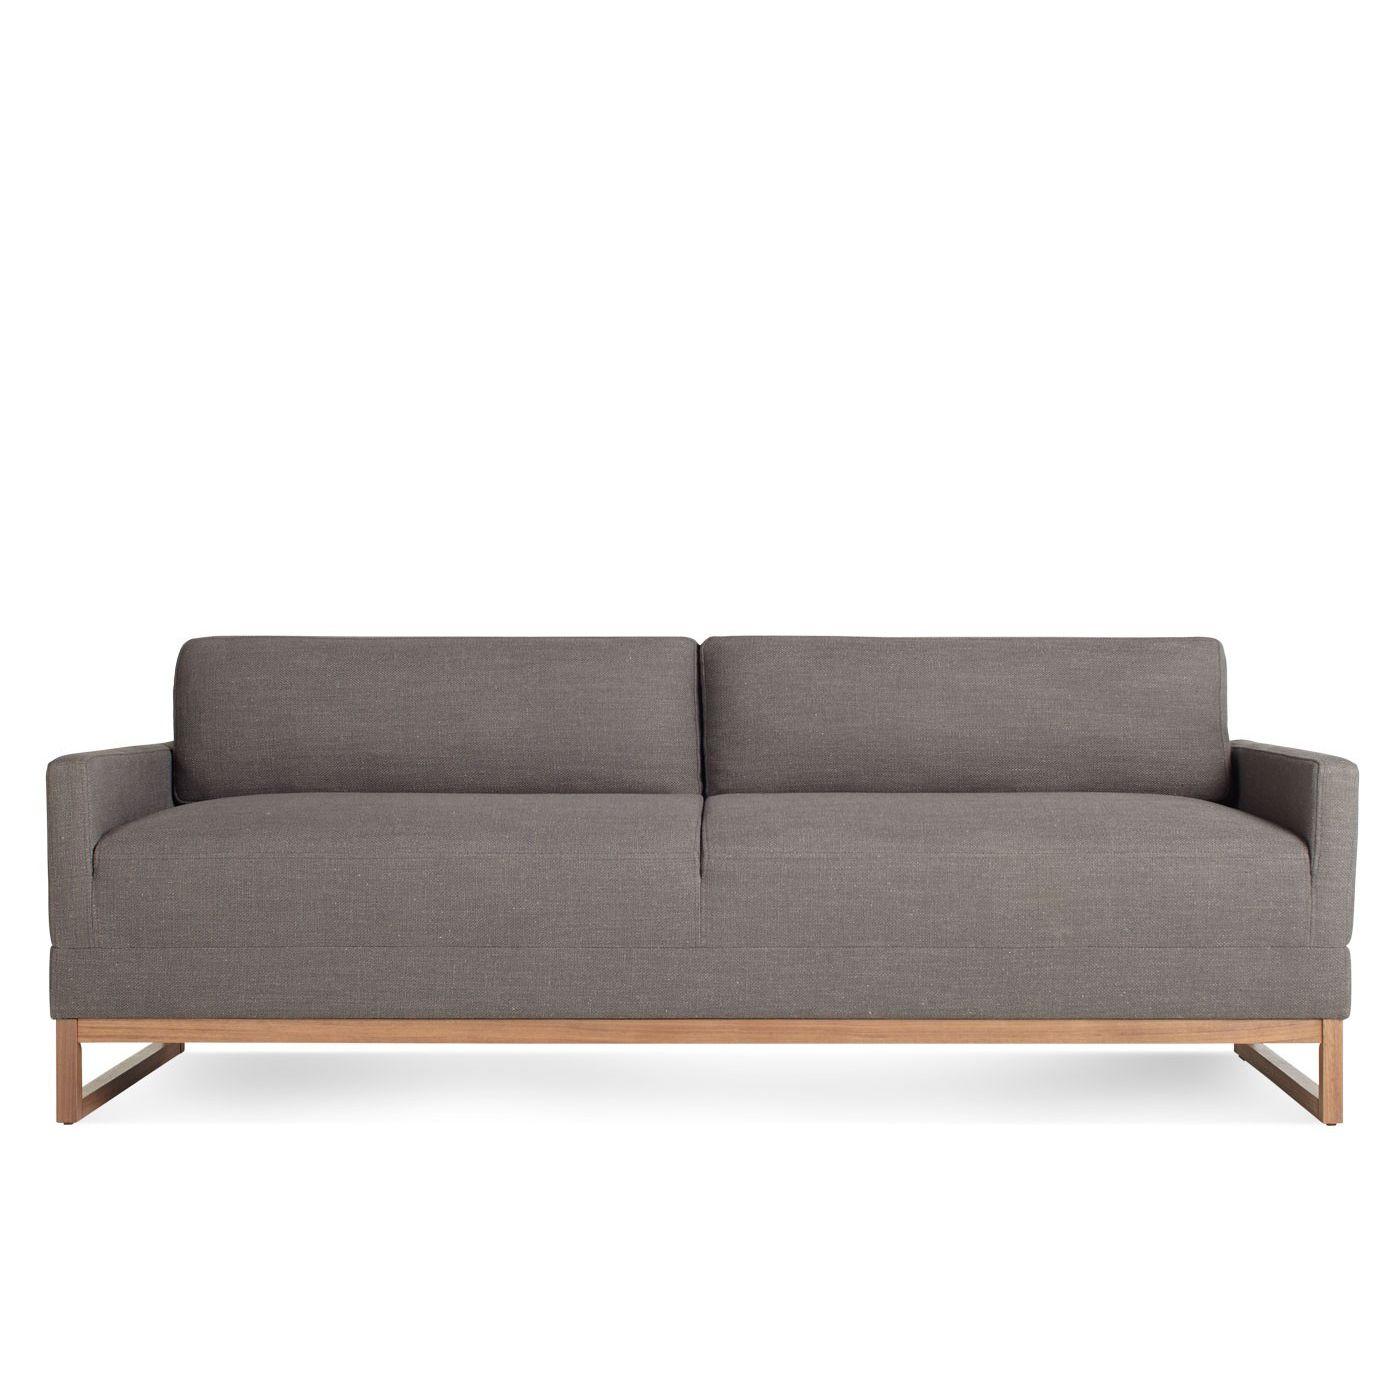 - The Best Sleeper Sofas And Sofa Beds Moveis Modernos, Decoração